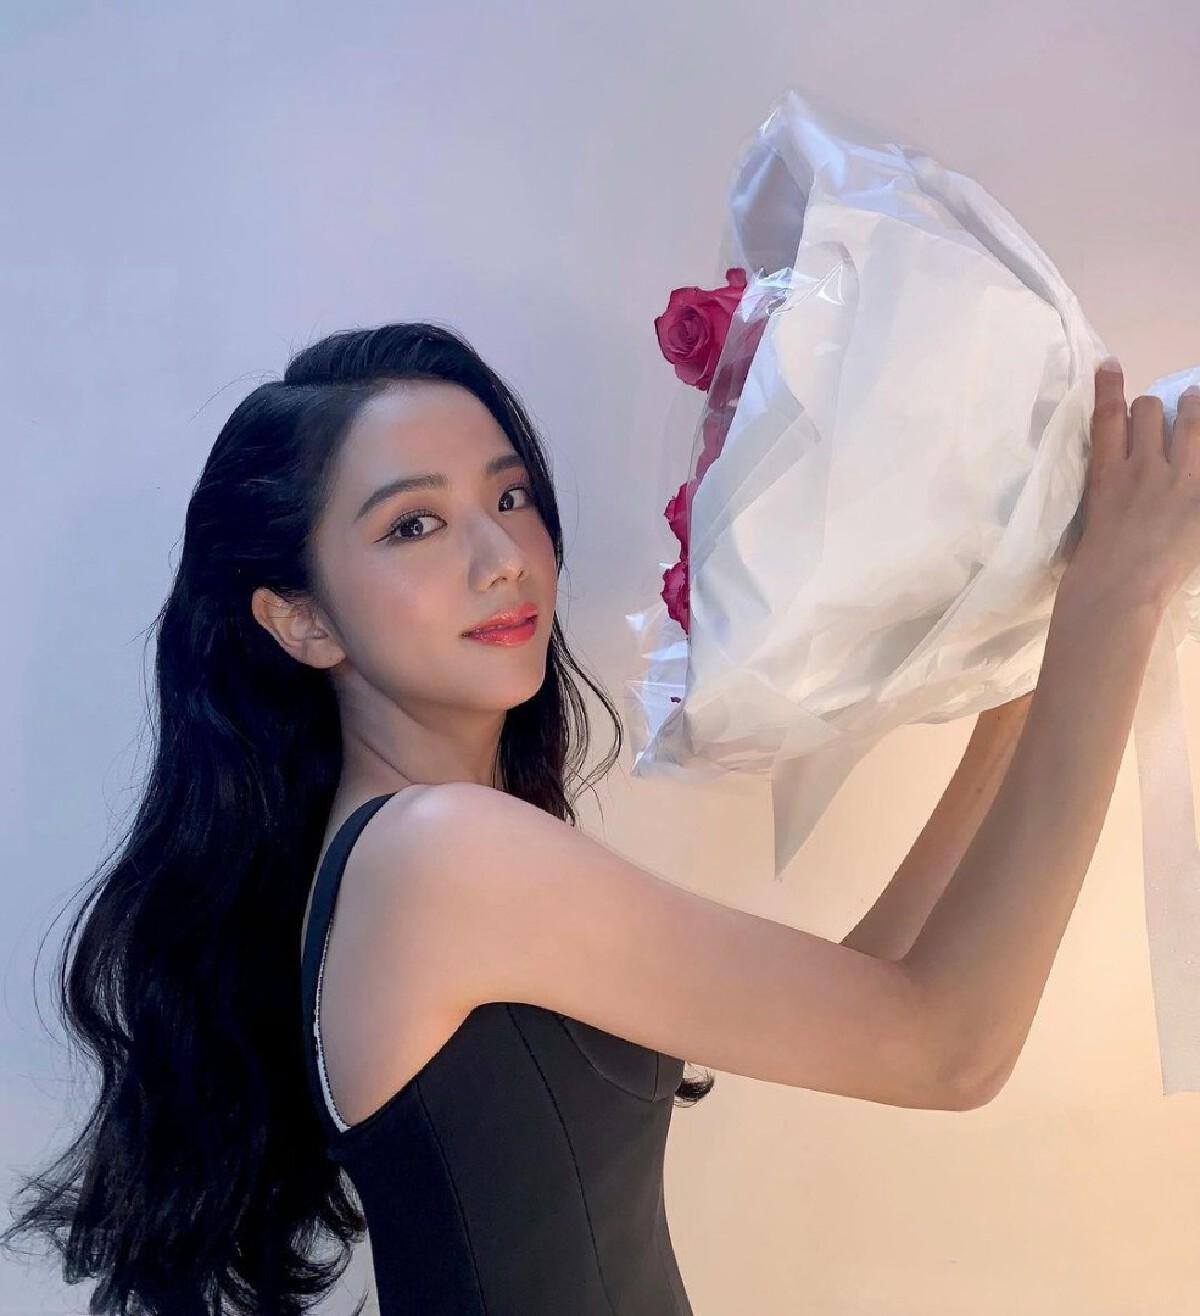 จีซู BLACPINK